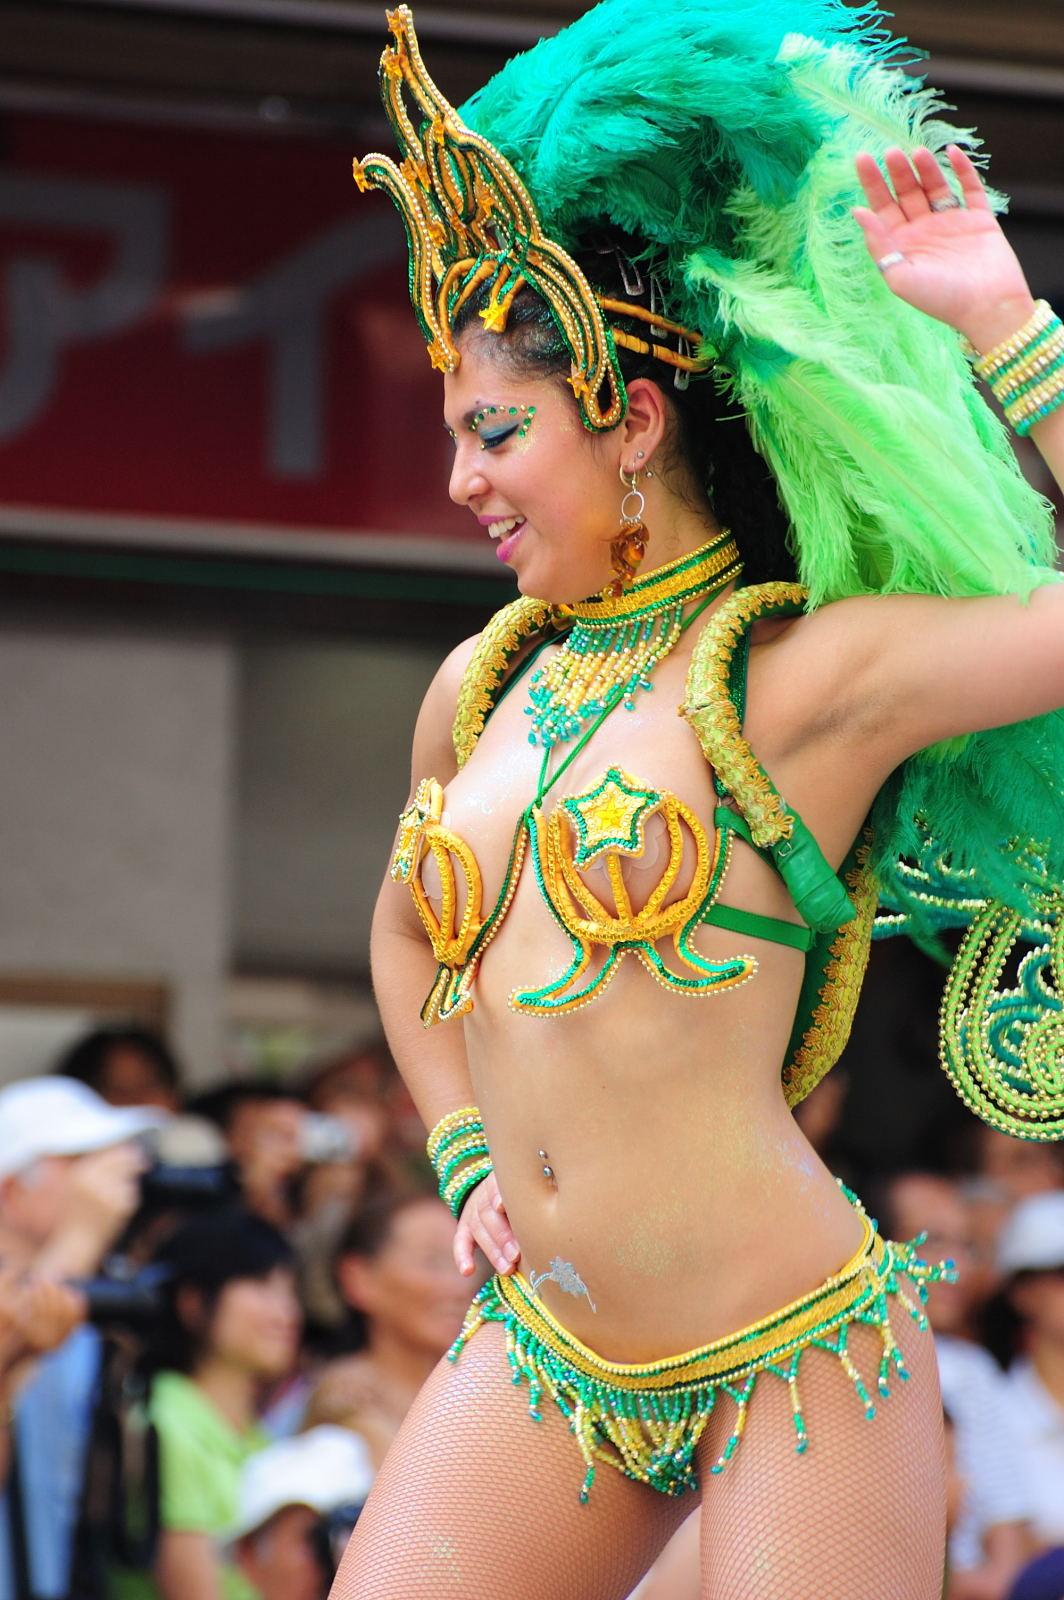 浅草サンバカーニバル2009 (Asakusa Samba Carnival 2009)